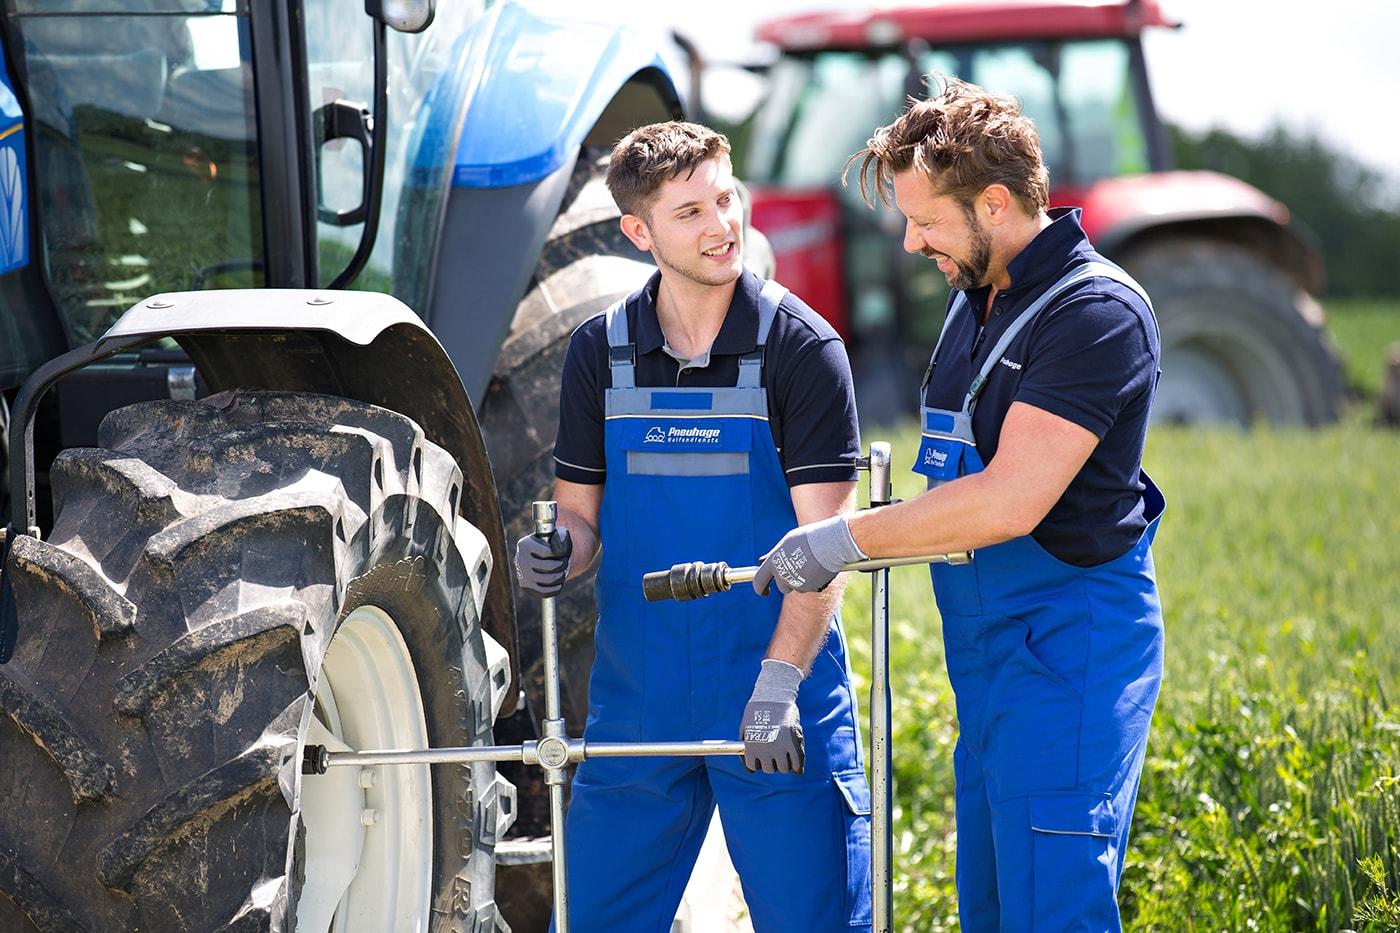 Produktberater (m/w/d) für Baumaschinen- und Landwirtschaftsmaschinenbereifung